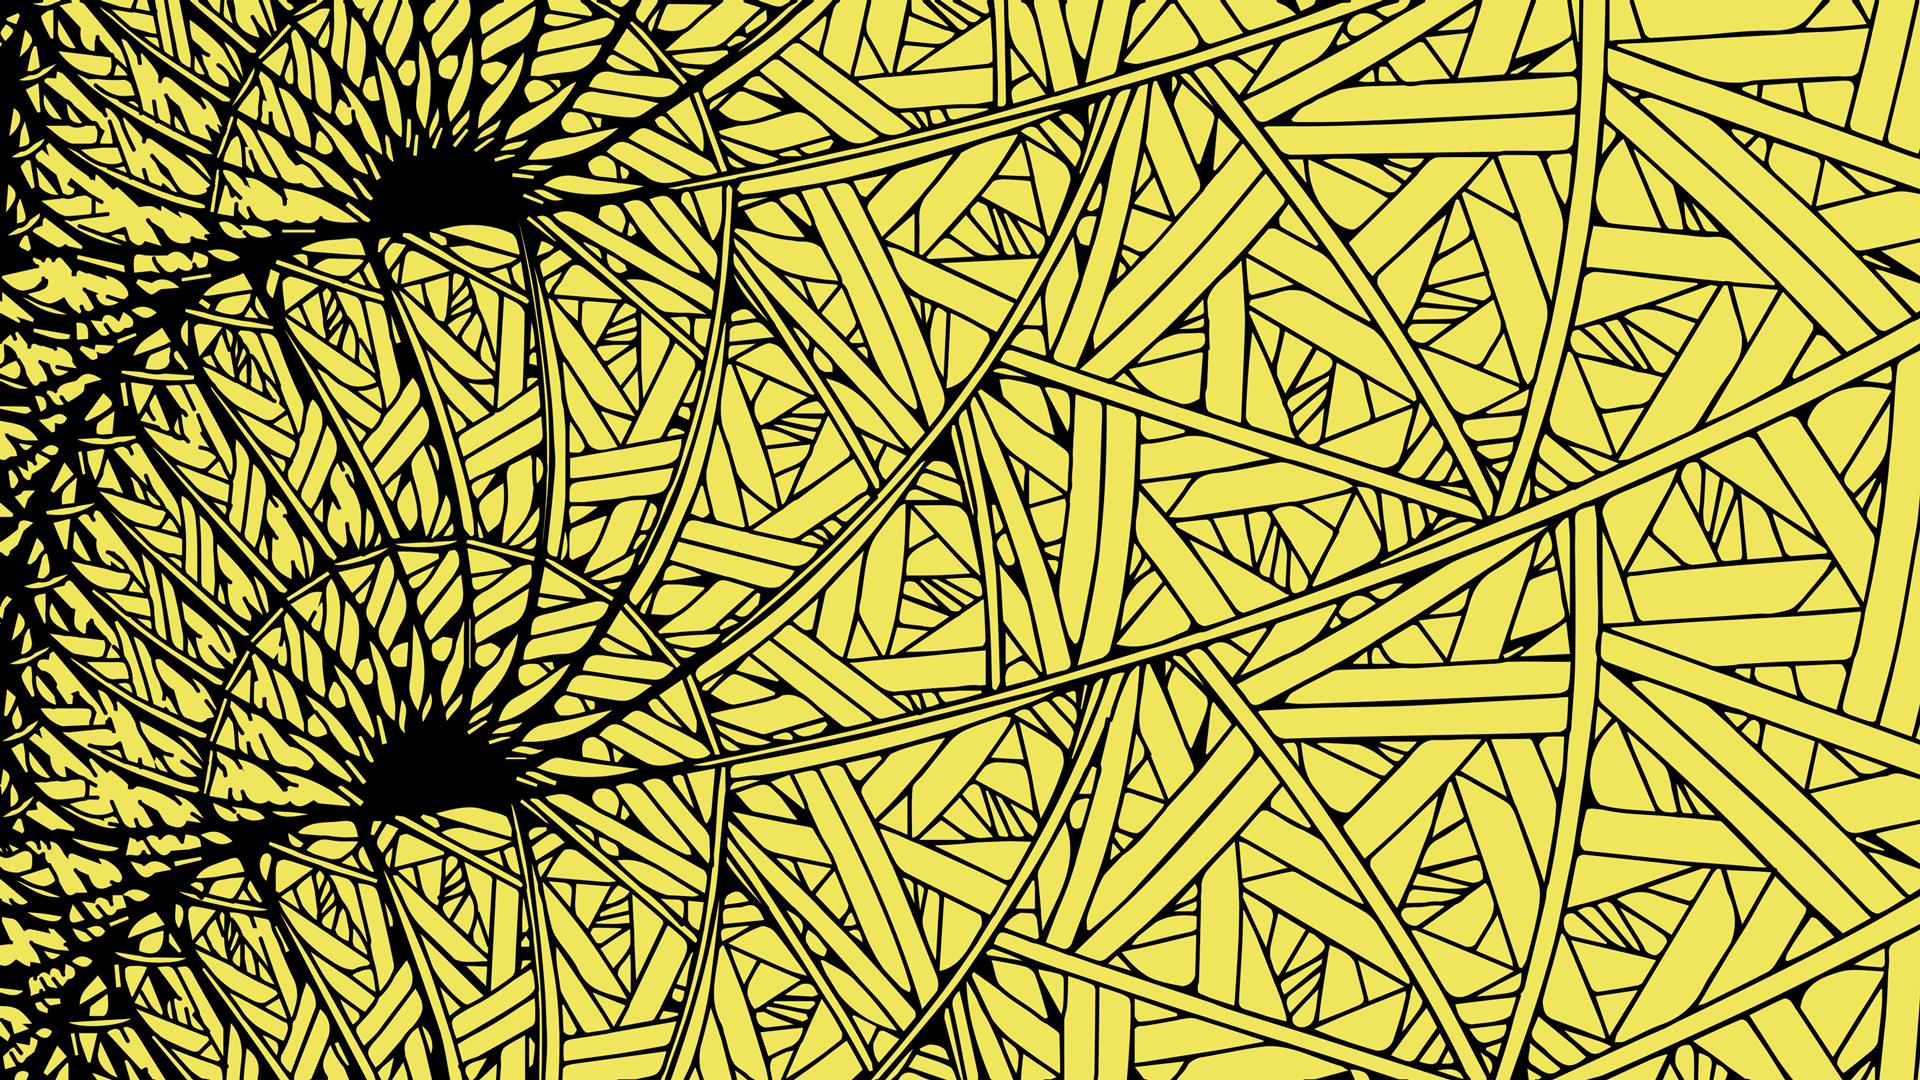 かっこいいジグザグ細かい包帯のパターン壁紙